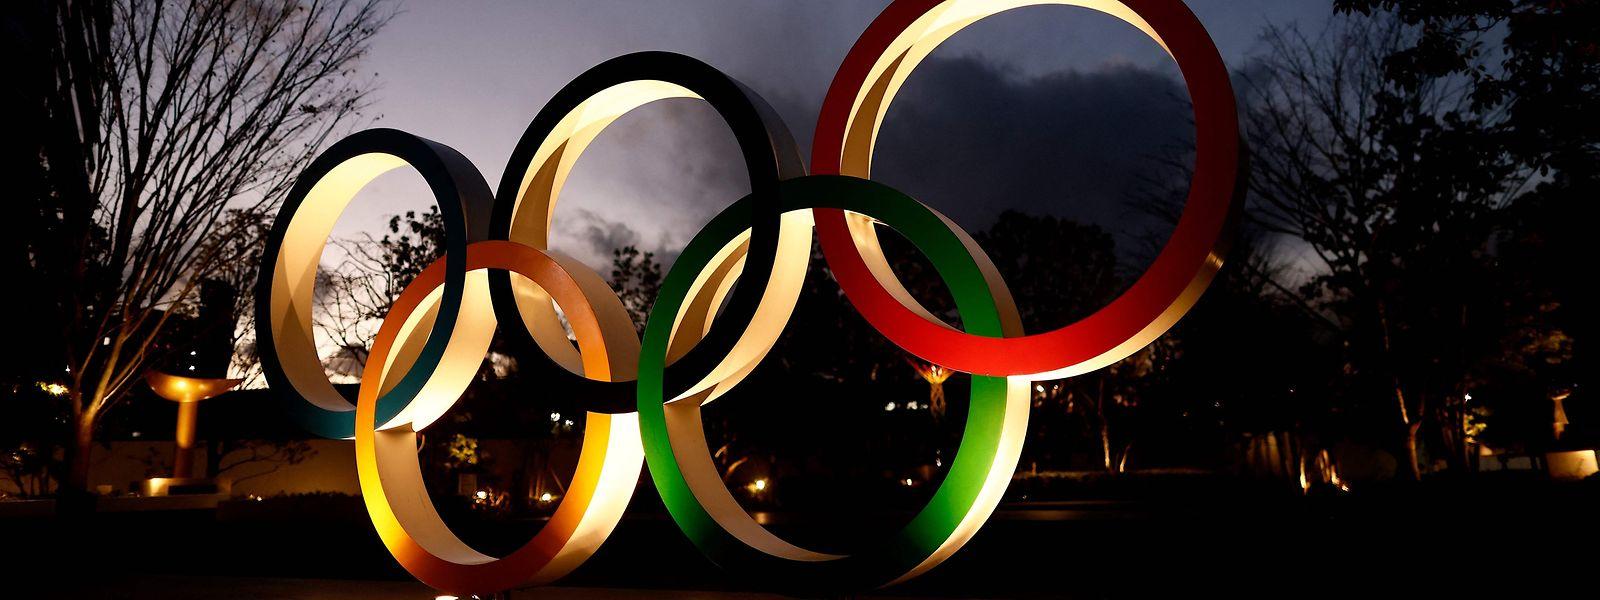 Auf die Olympische Bewegung werden noch ereignisreiche Wochen zukommen.